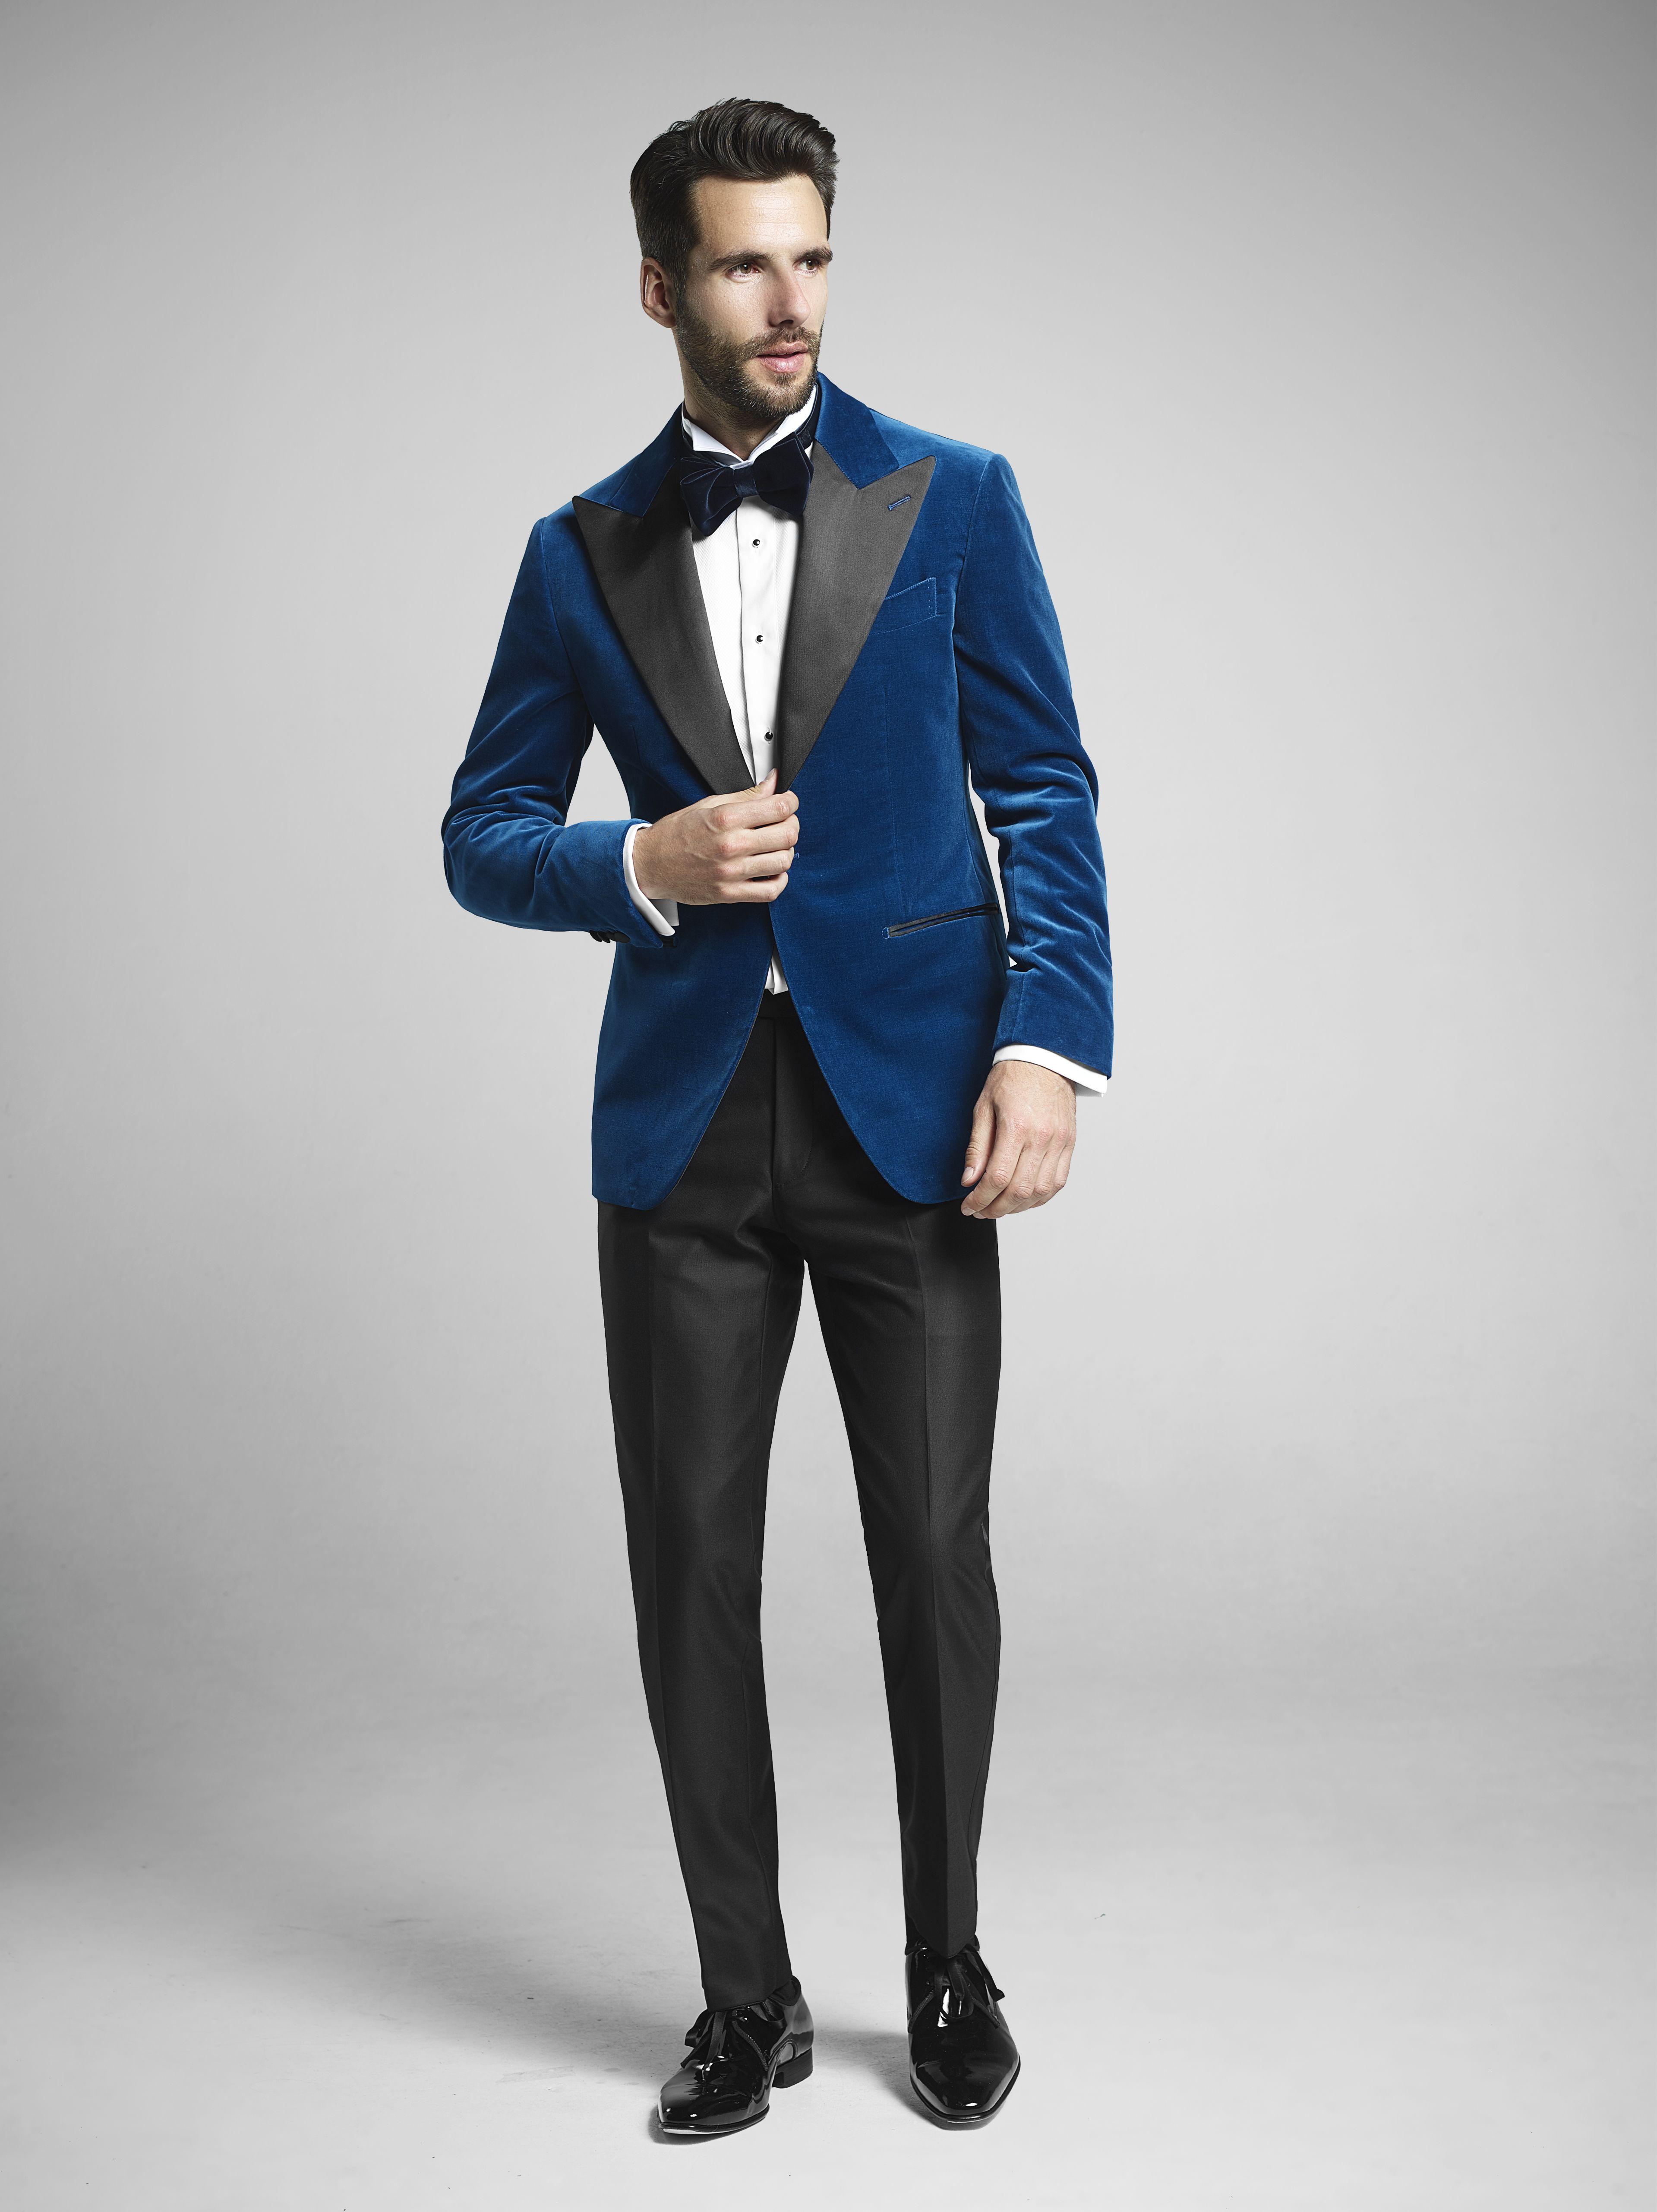 Bright Blue Velvet Dinner Jacket Suit Up Pinterest Velvet Dinner Jacket Mens Suits And